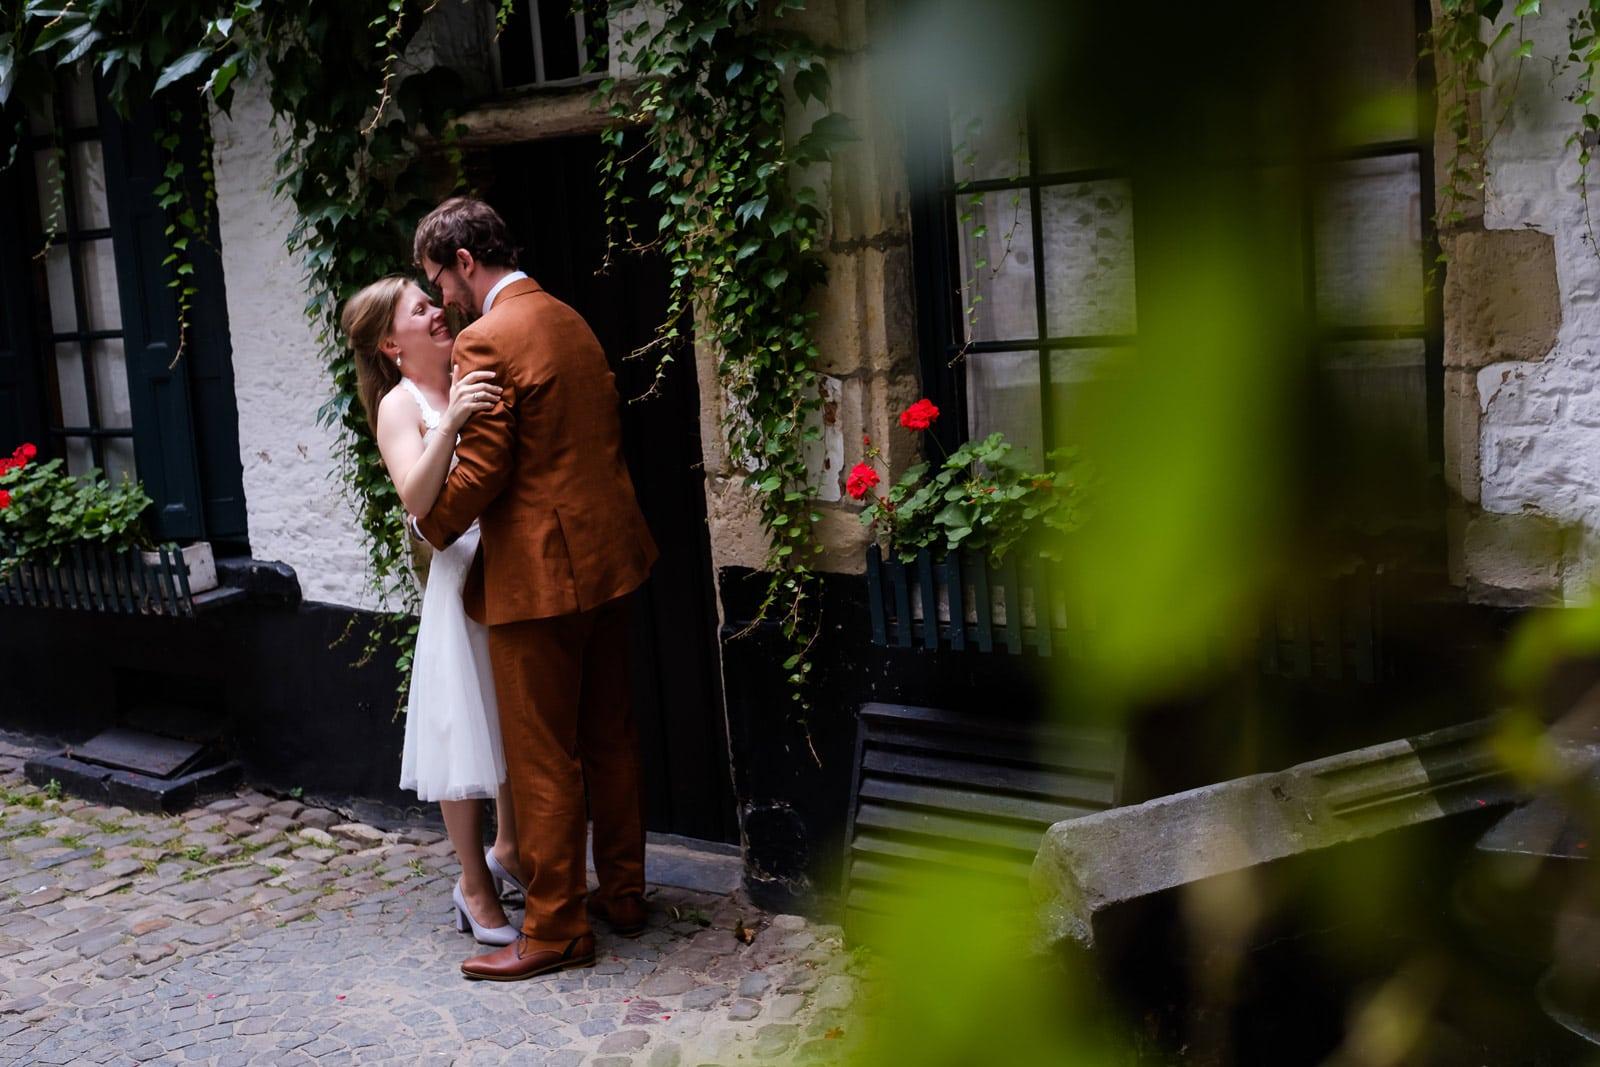 Huwelijks fotosessie in de Vlaaikensgang, de oudste straat van Antwerpen.